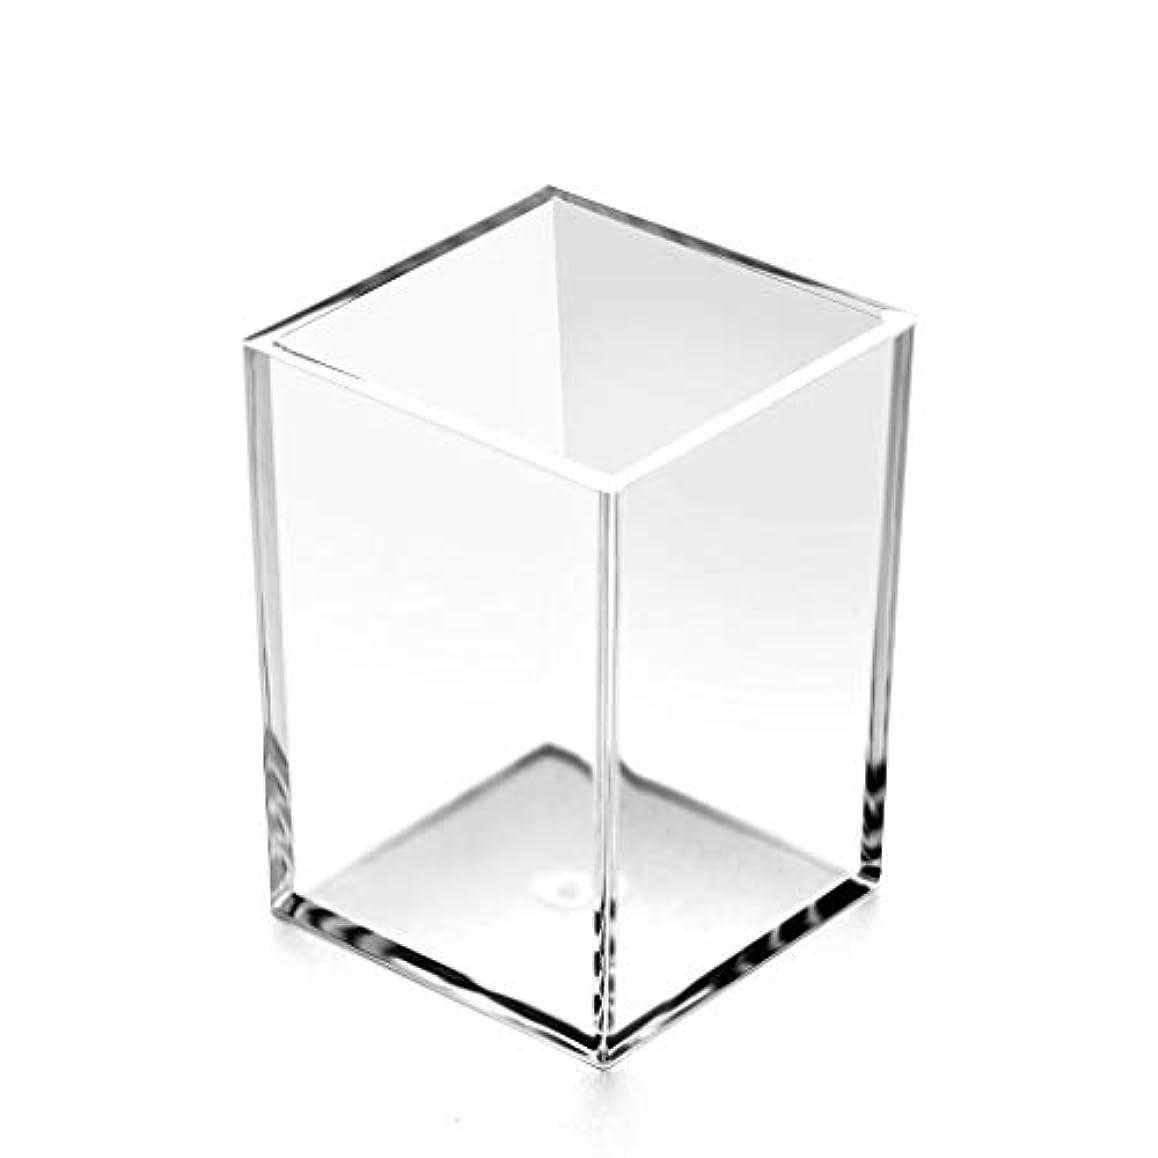 実行可能ショートカットノイズRiLiKu アクリルペン立て 鉛筆ホルダー 透明 卓上文房具収納ボックス メイクブラシ収納ボックス